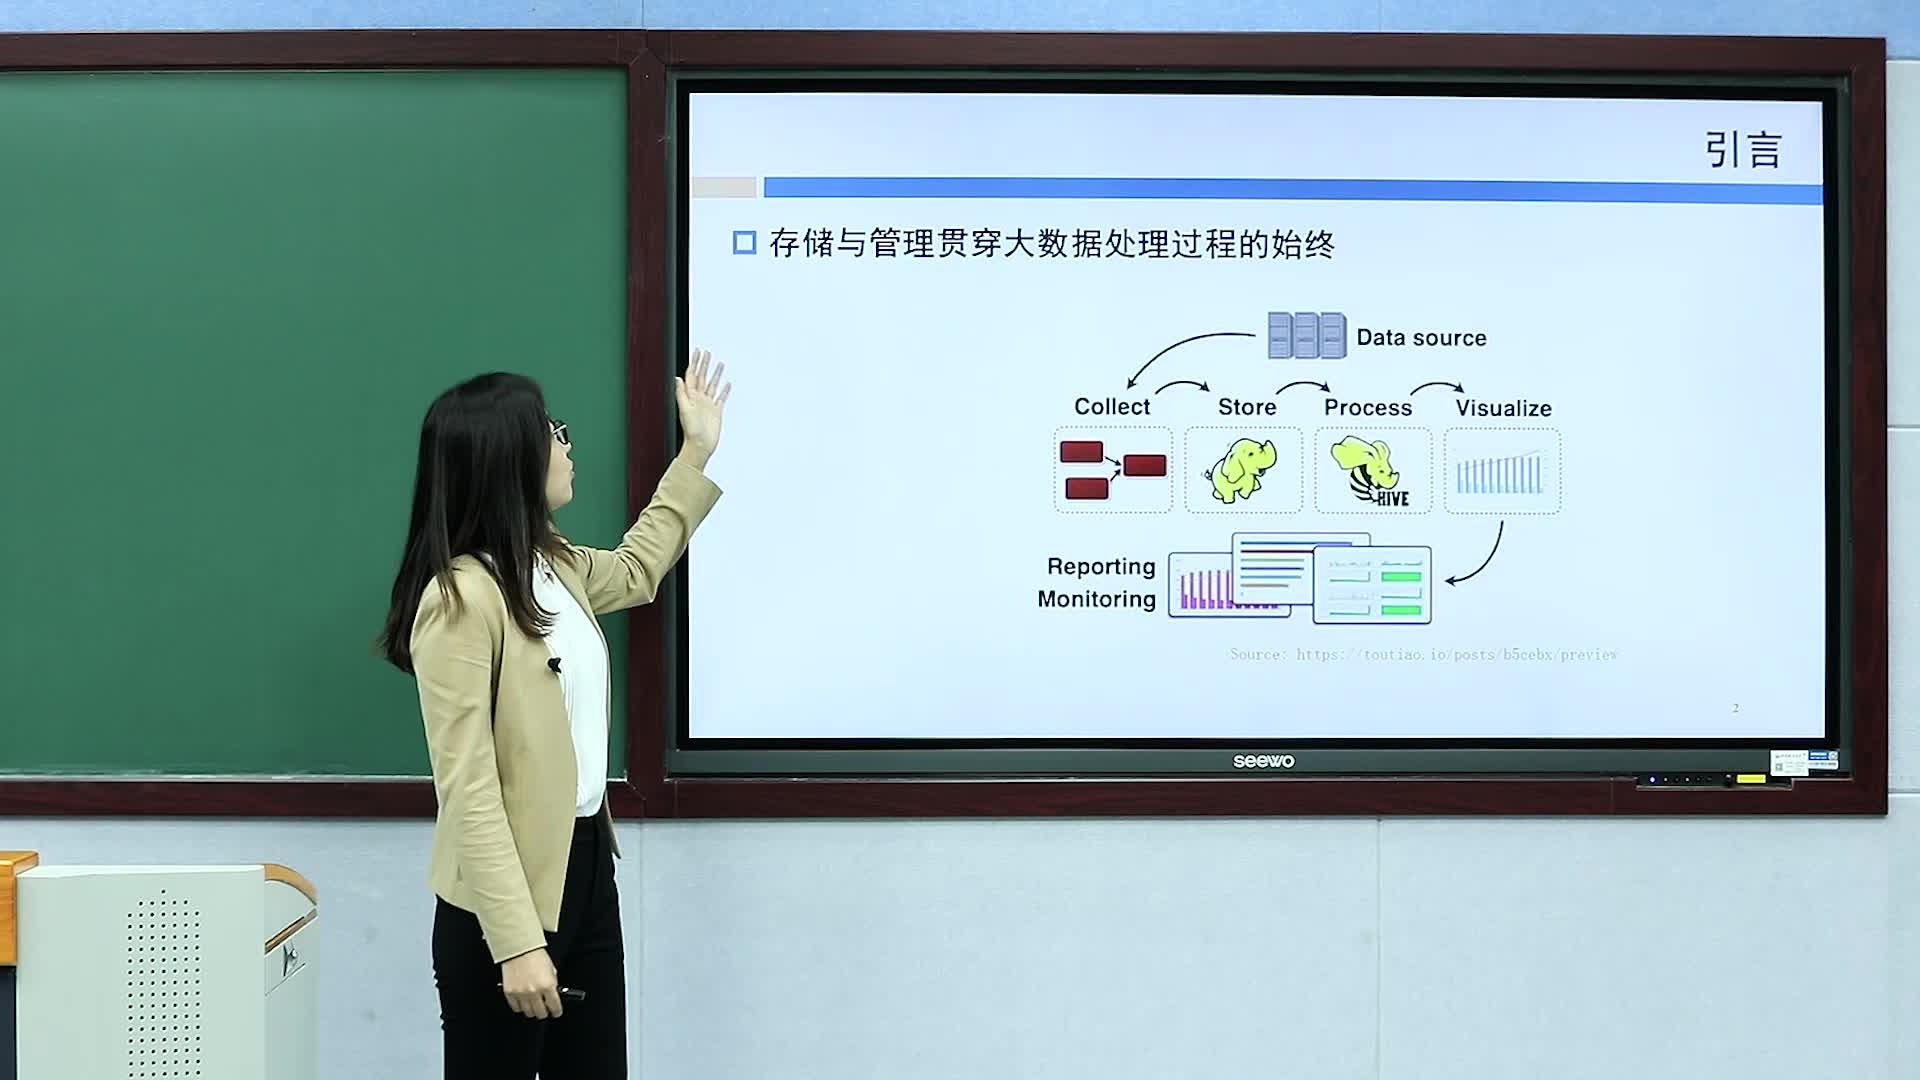 北京理工大学慕课——张美慧:大数据存储与管理(一)